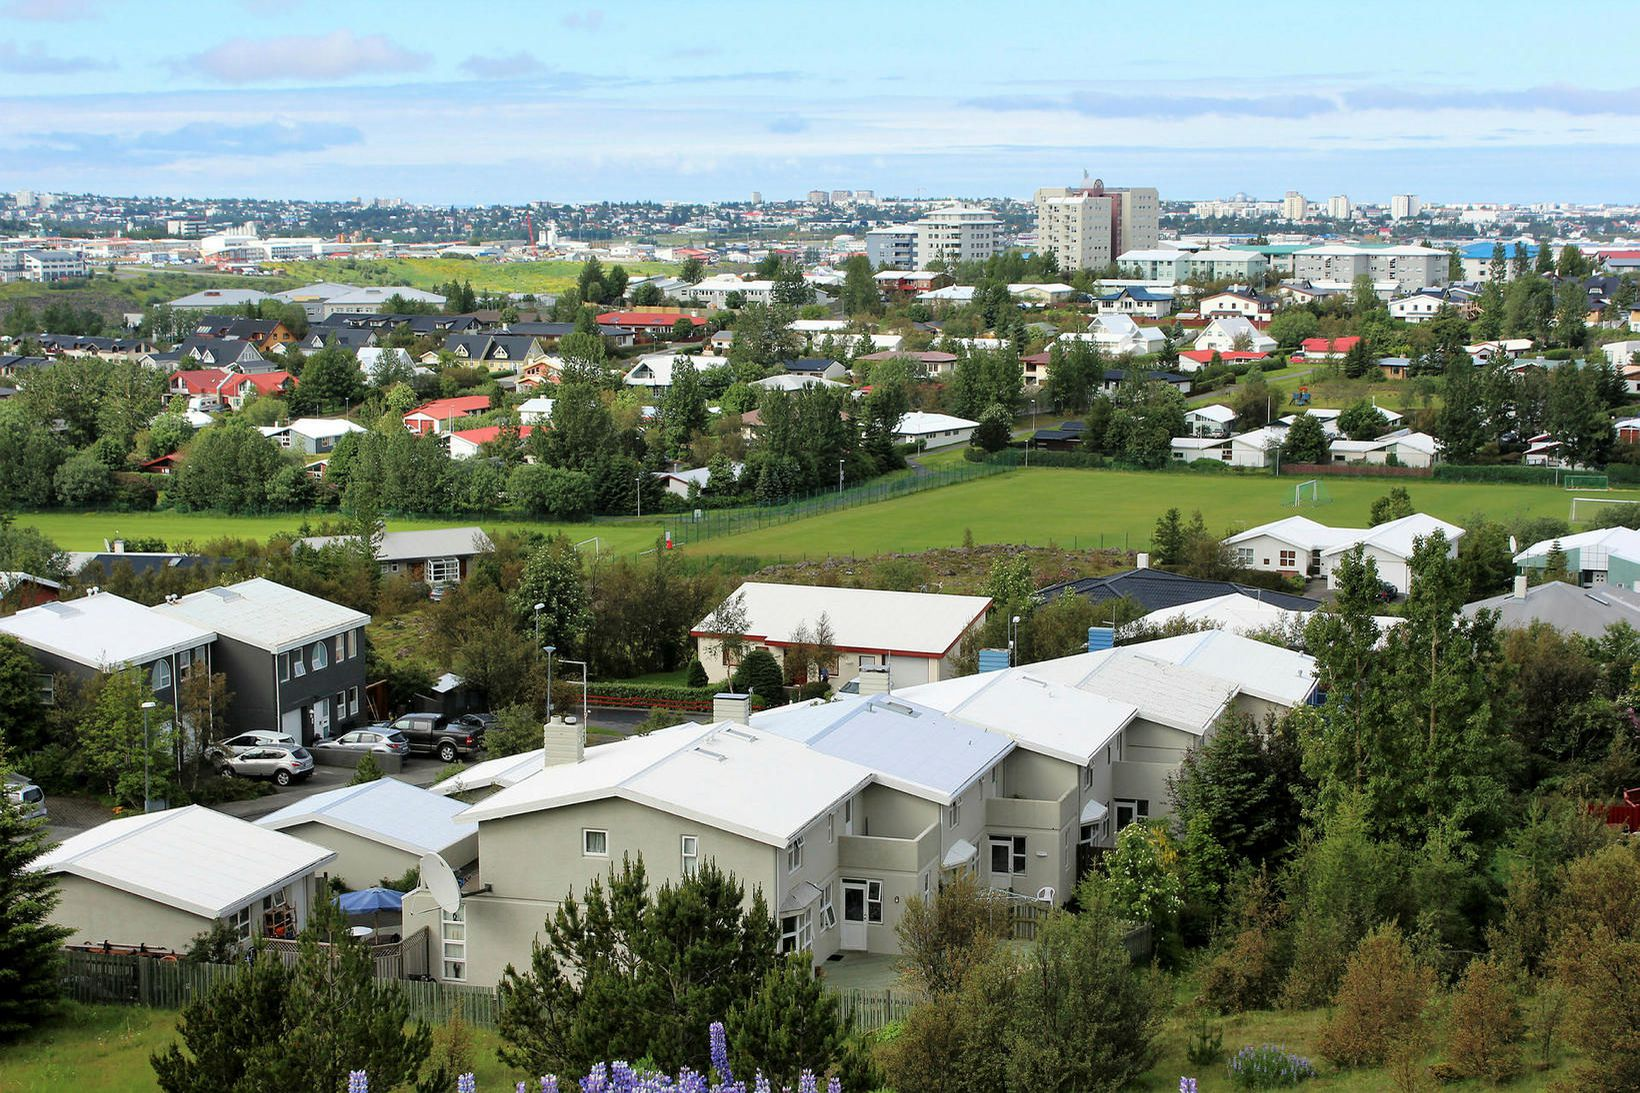 Reykjavík fékk fleiri stig en Helsinki, Ósló og Stokkhólmur. Horft …